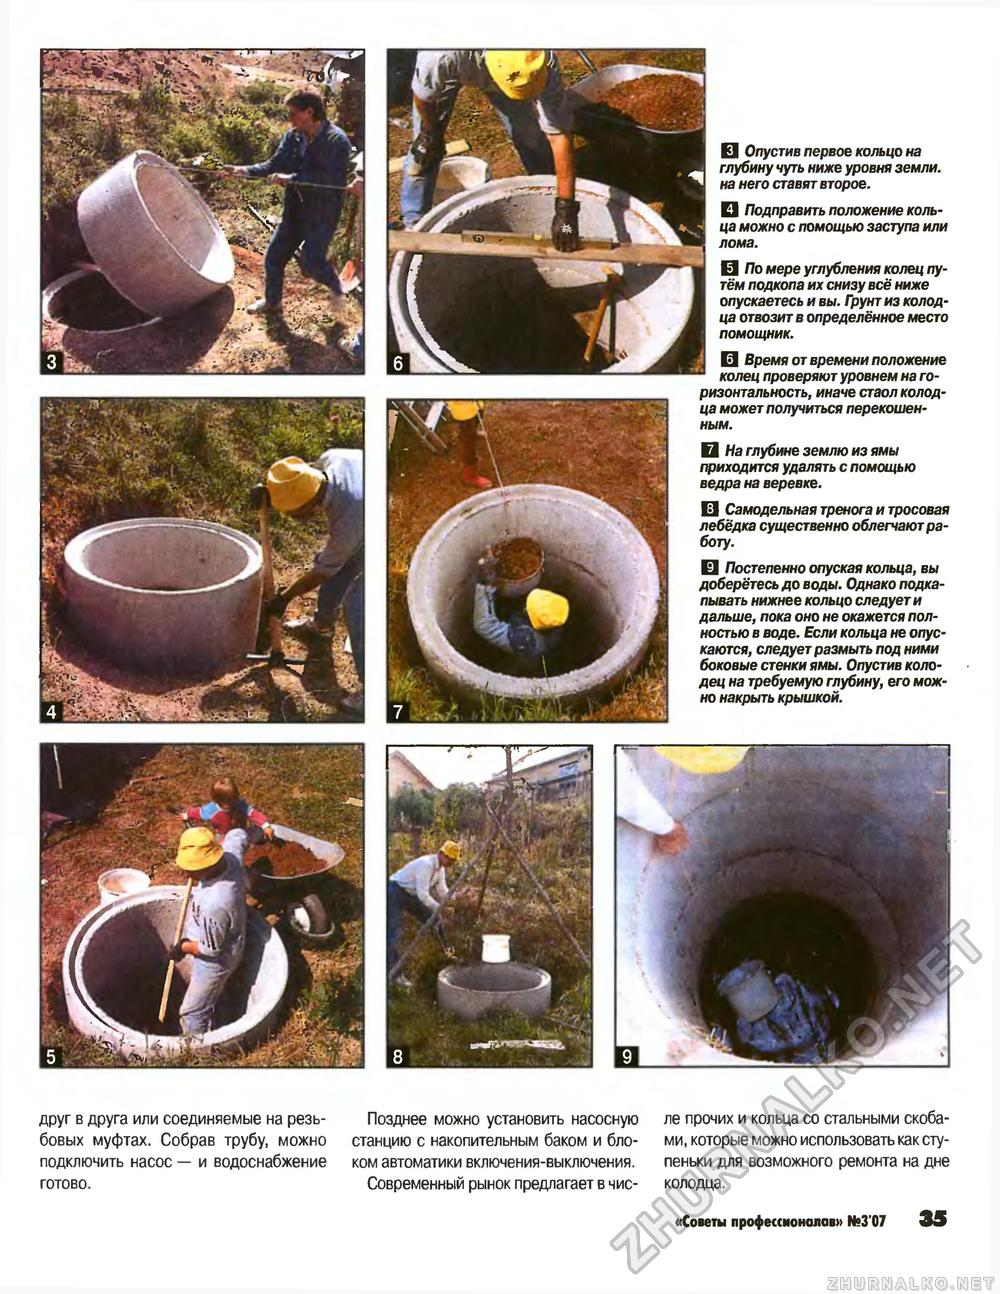 Технология бурения скважины под воду 86